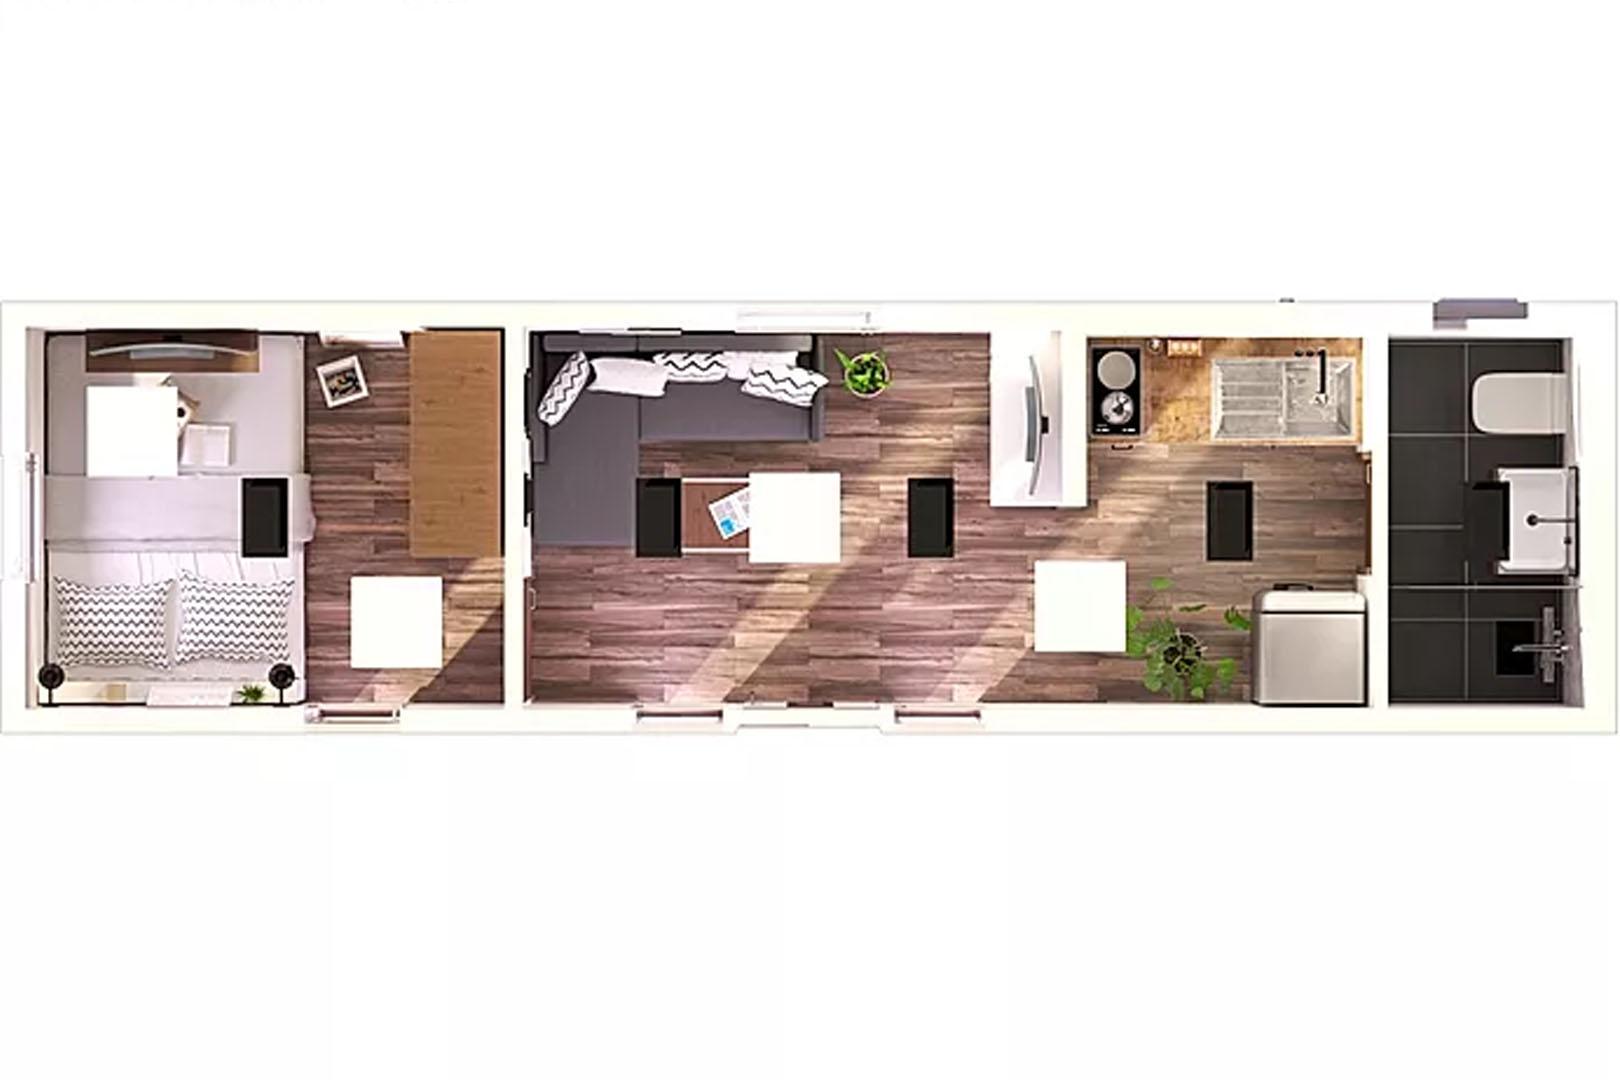 Tiny house midi 2